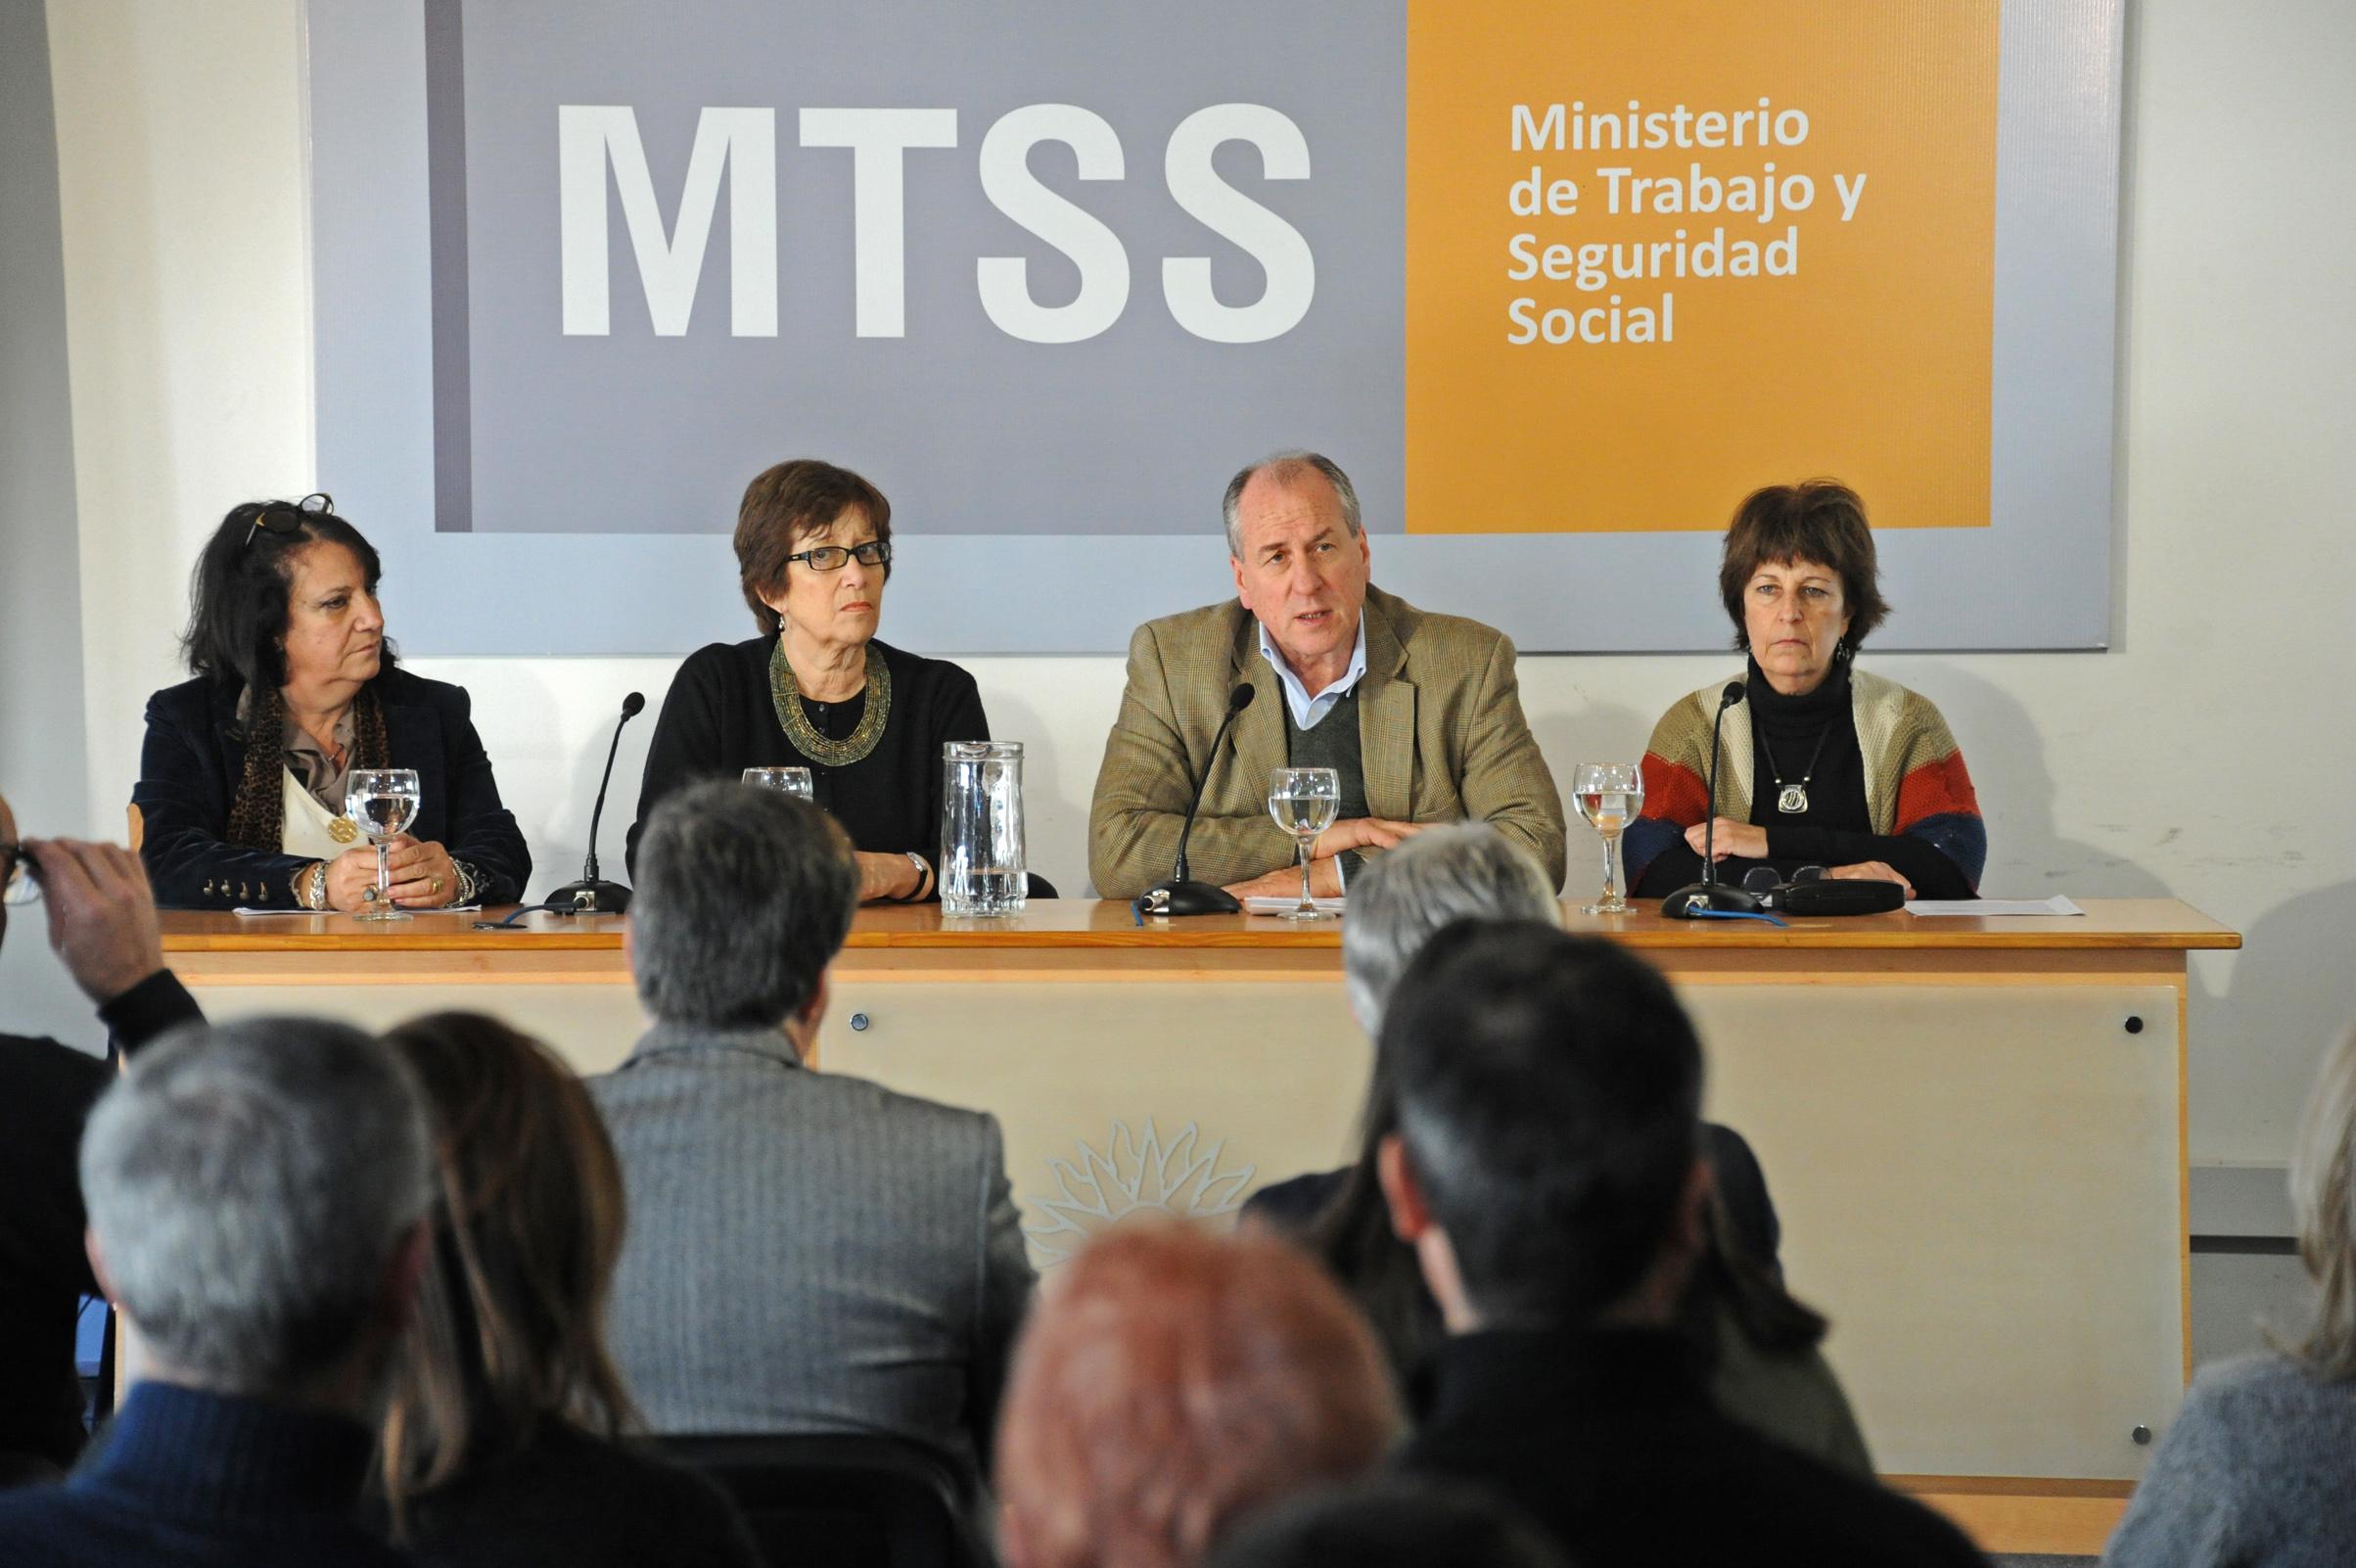 En el mtss ministerio de trabajo y seguridad social de for Oficina seguridad social